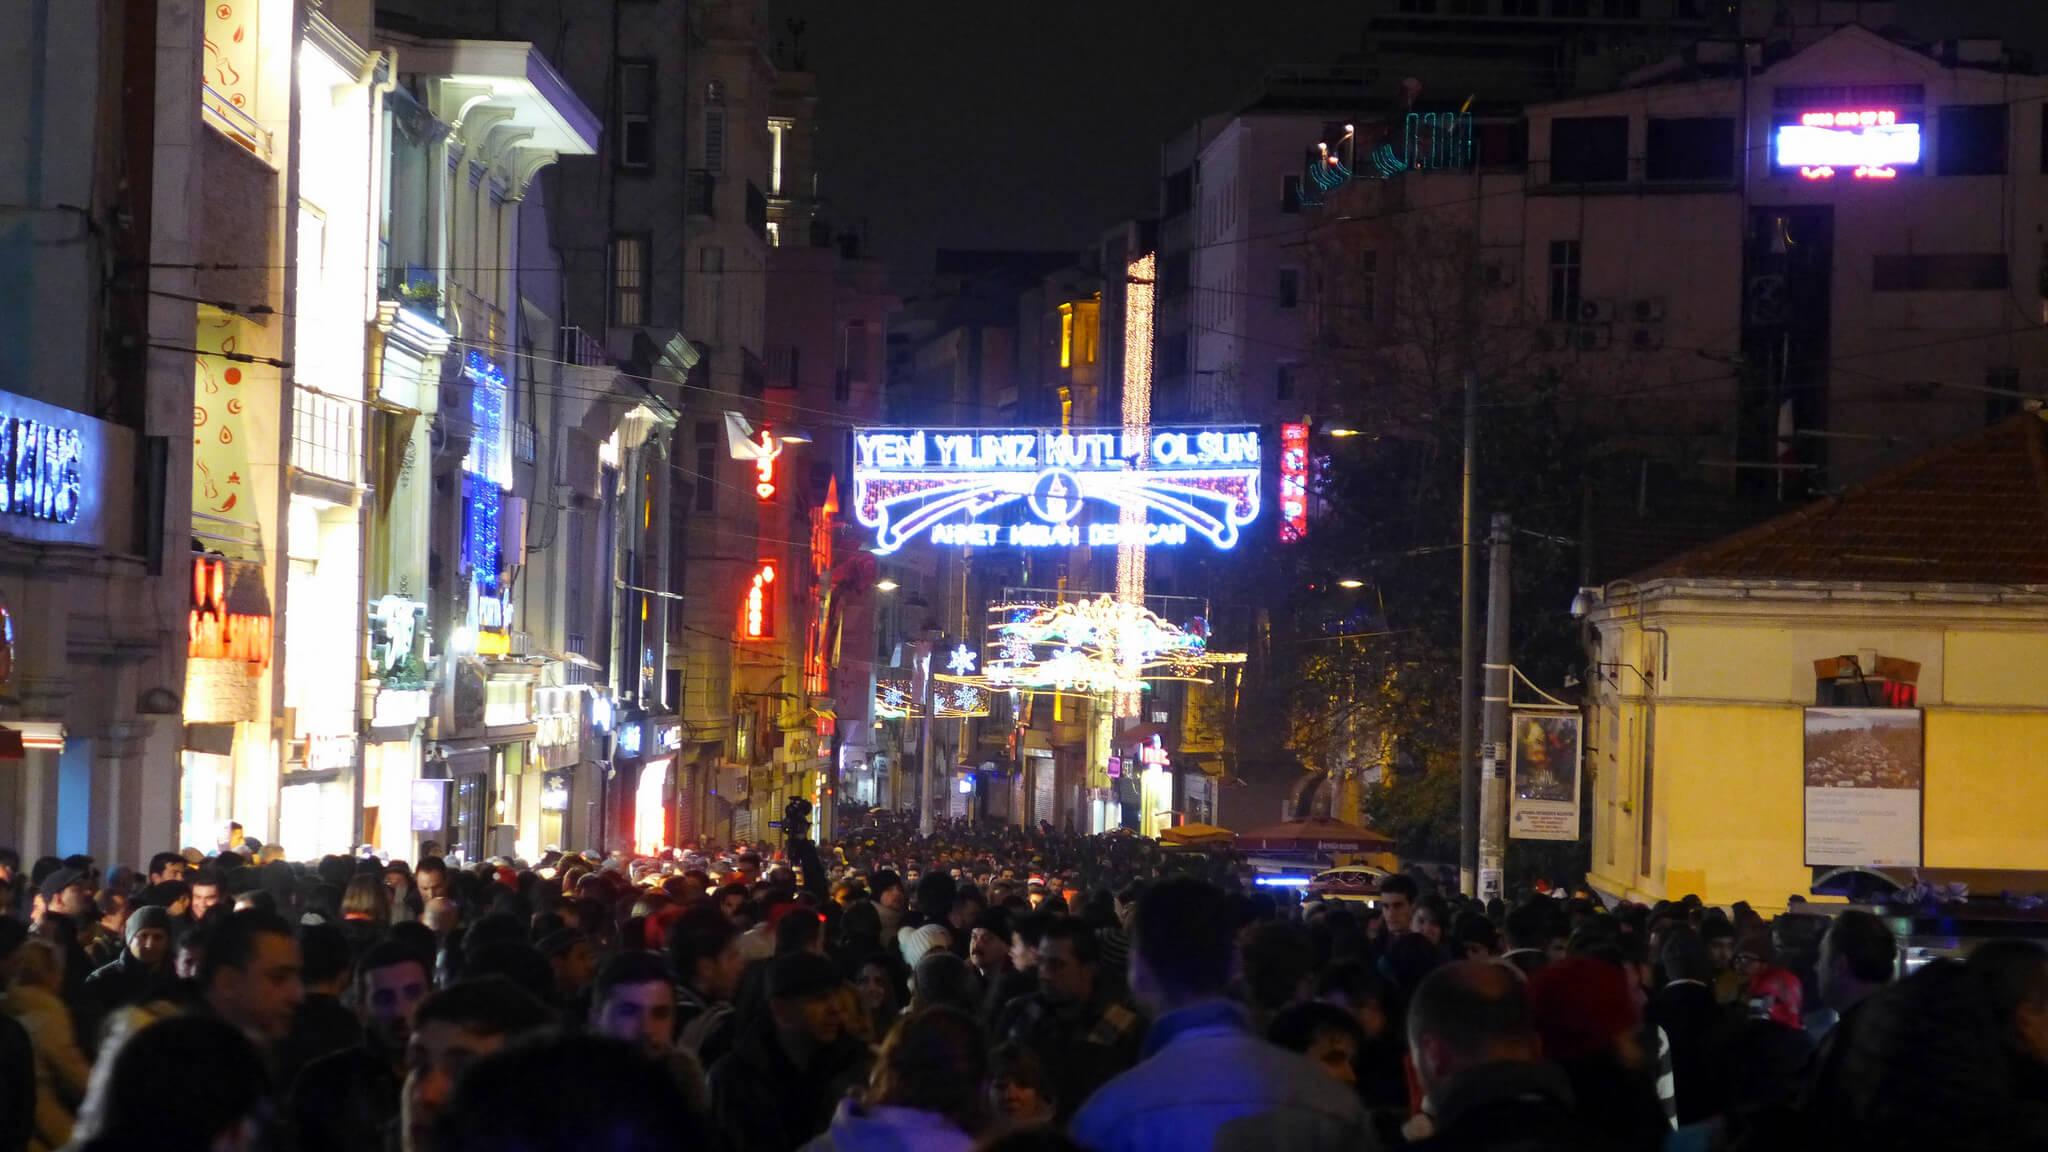 nouvel an à istanbul dans la rue